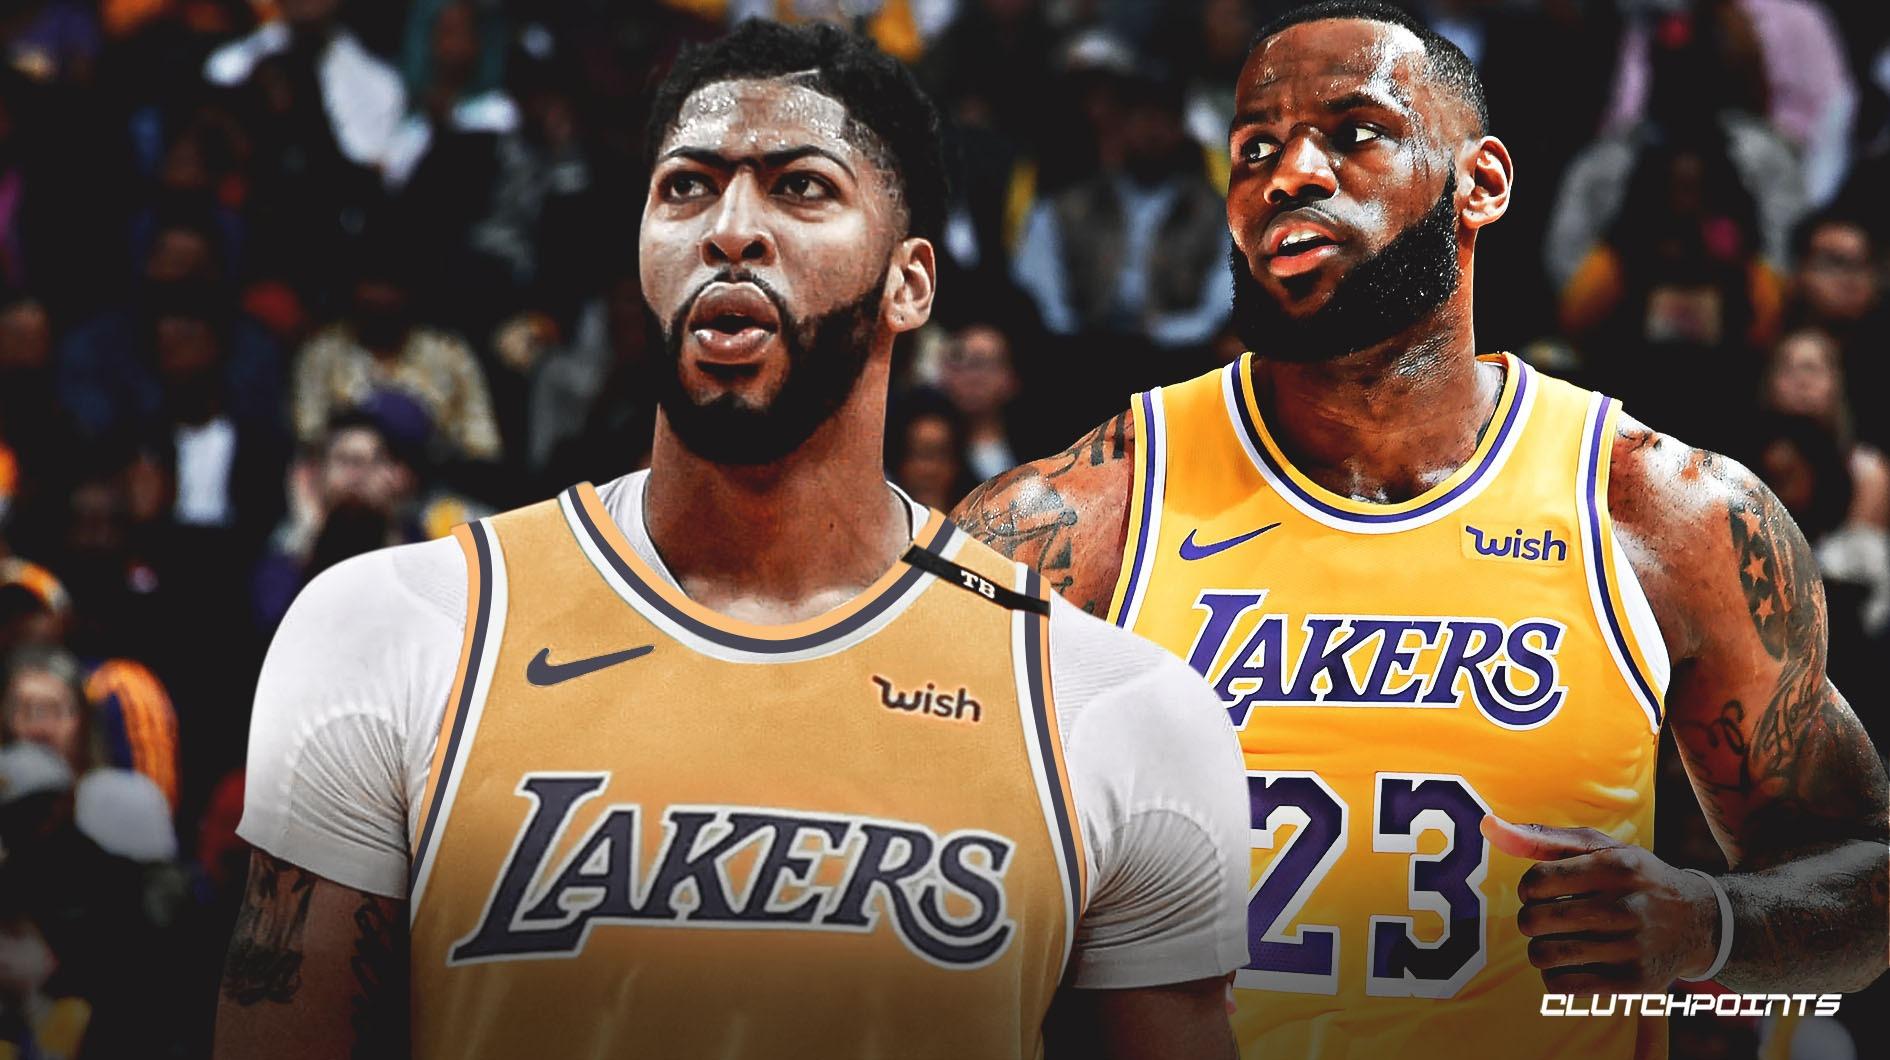 原创NBA关键时刻正负值排名!湖人五人霸榜,詹姆斯浓眉并列第二